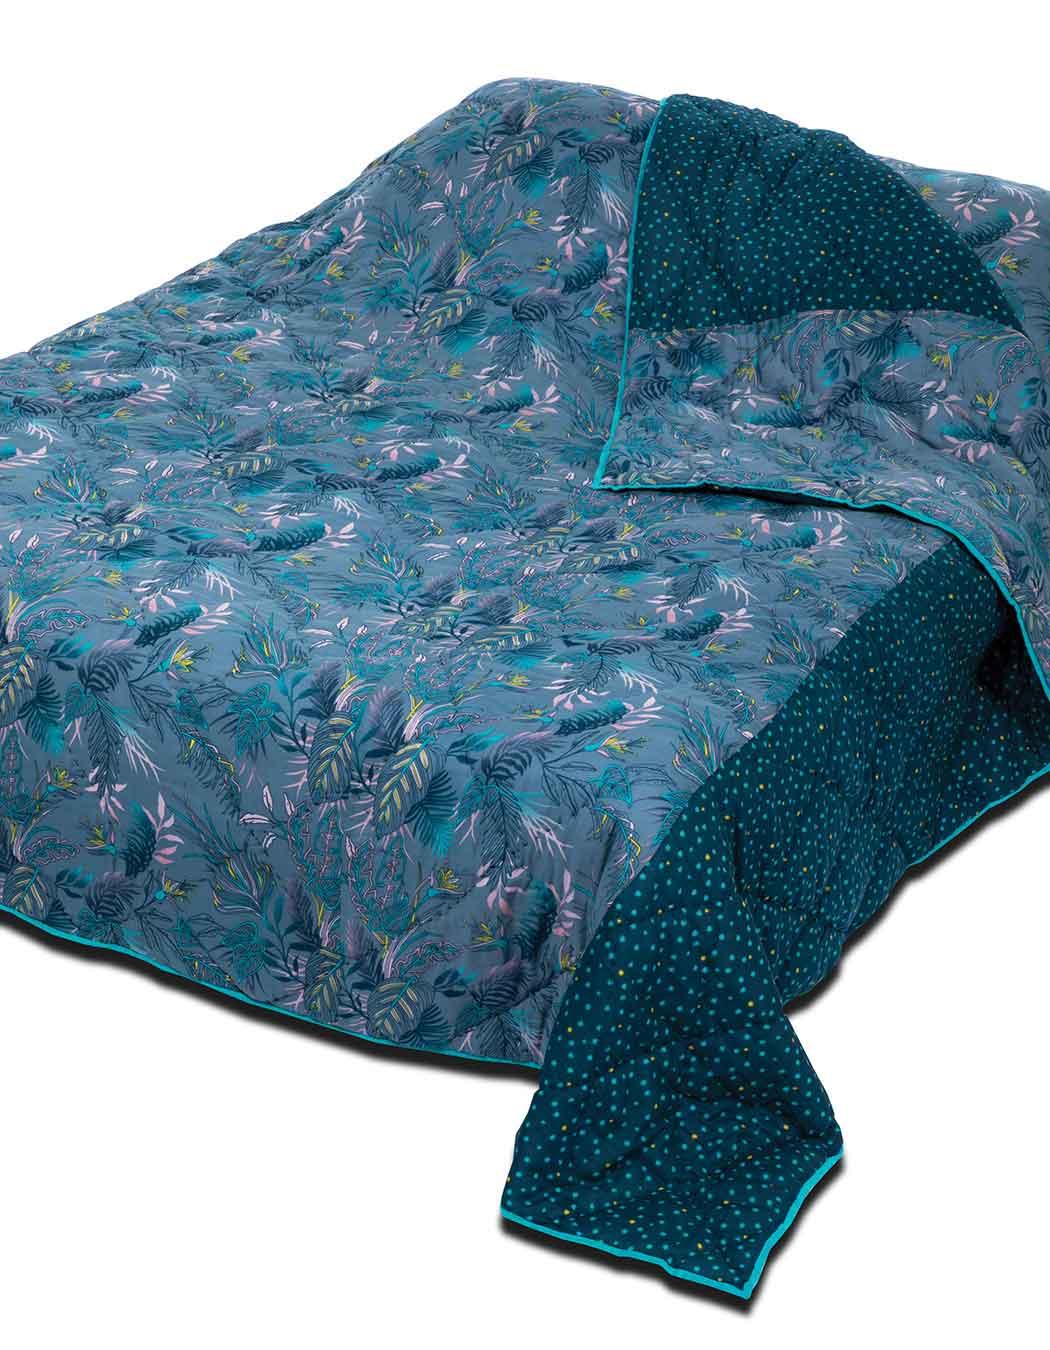 Boutis matelassé surpiqué en coton celeste 140 x 230